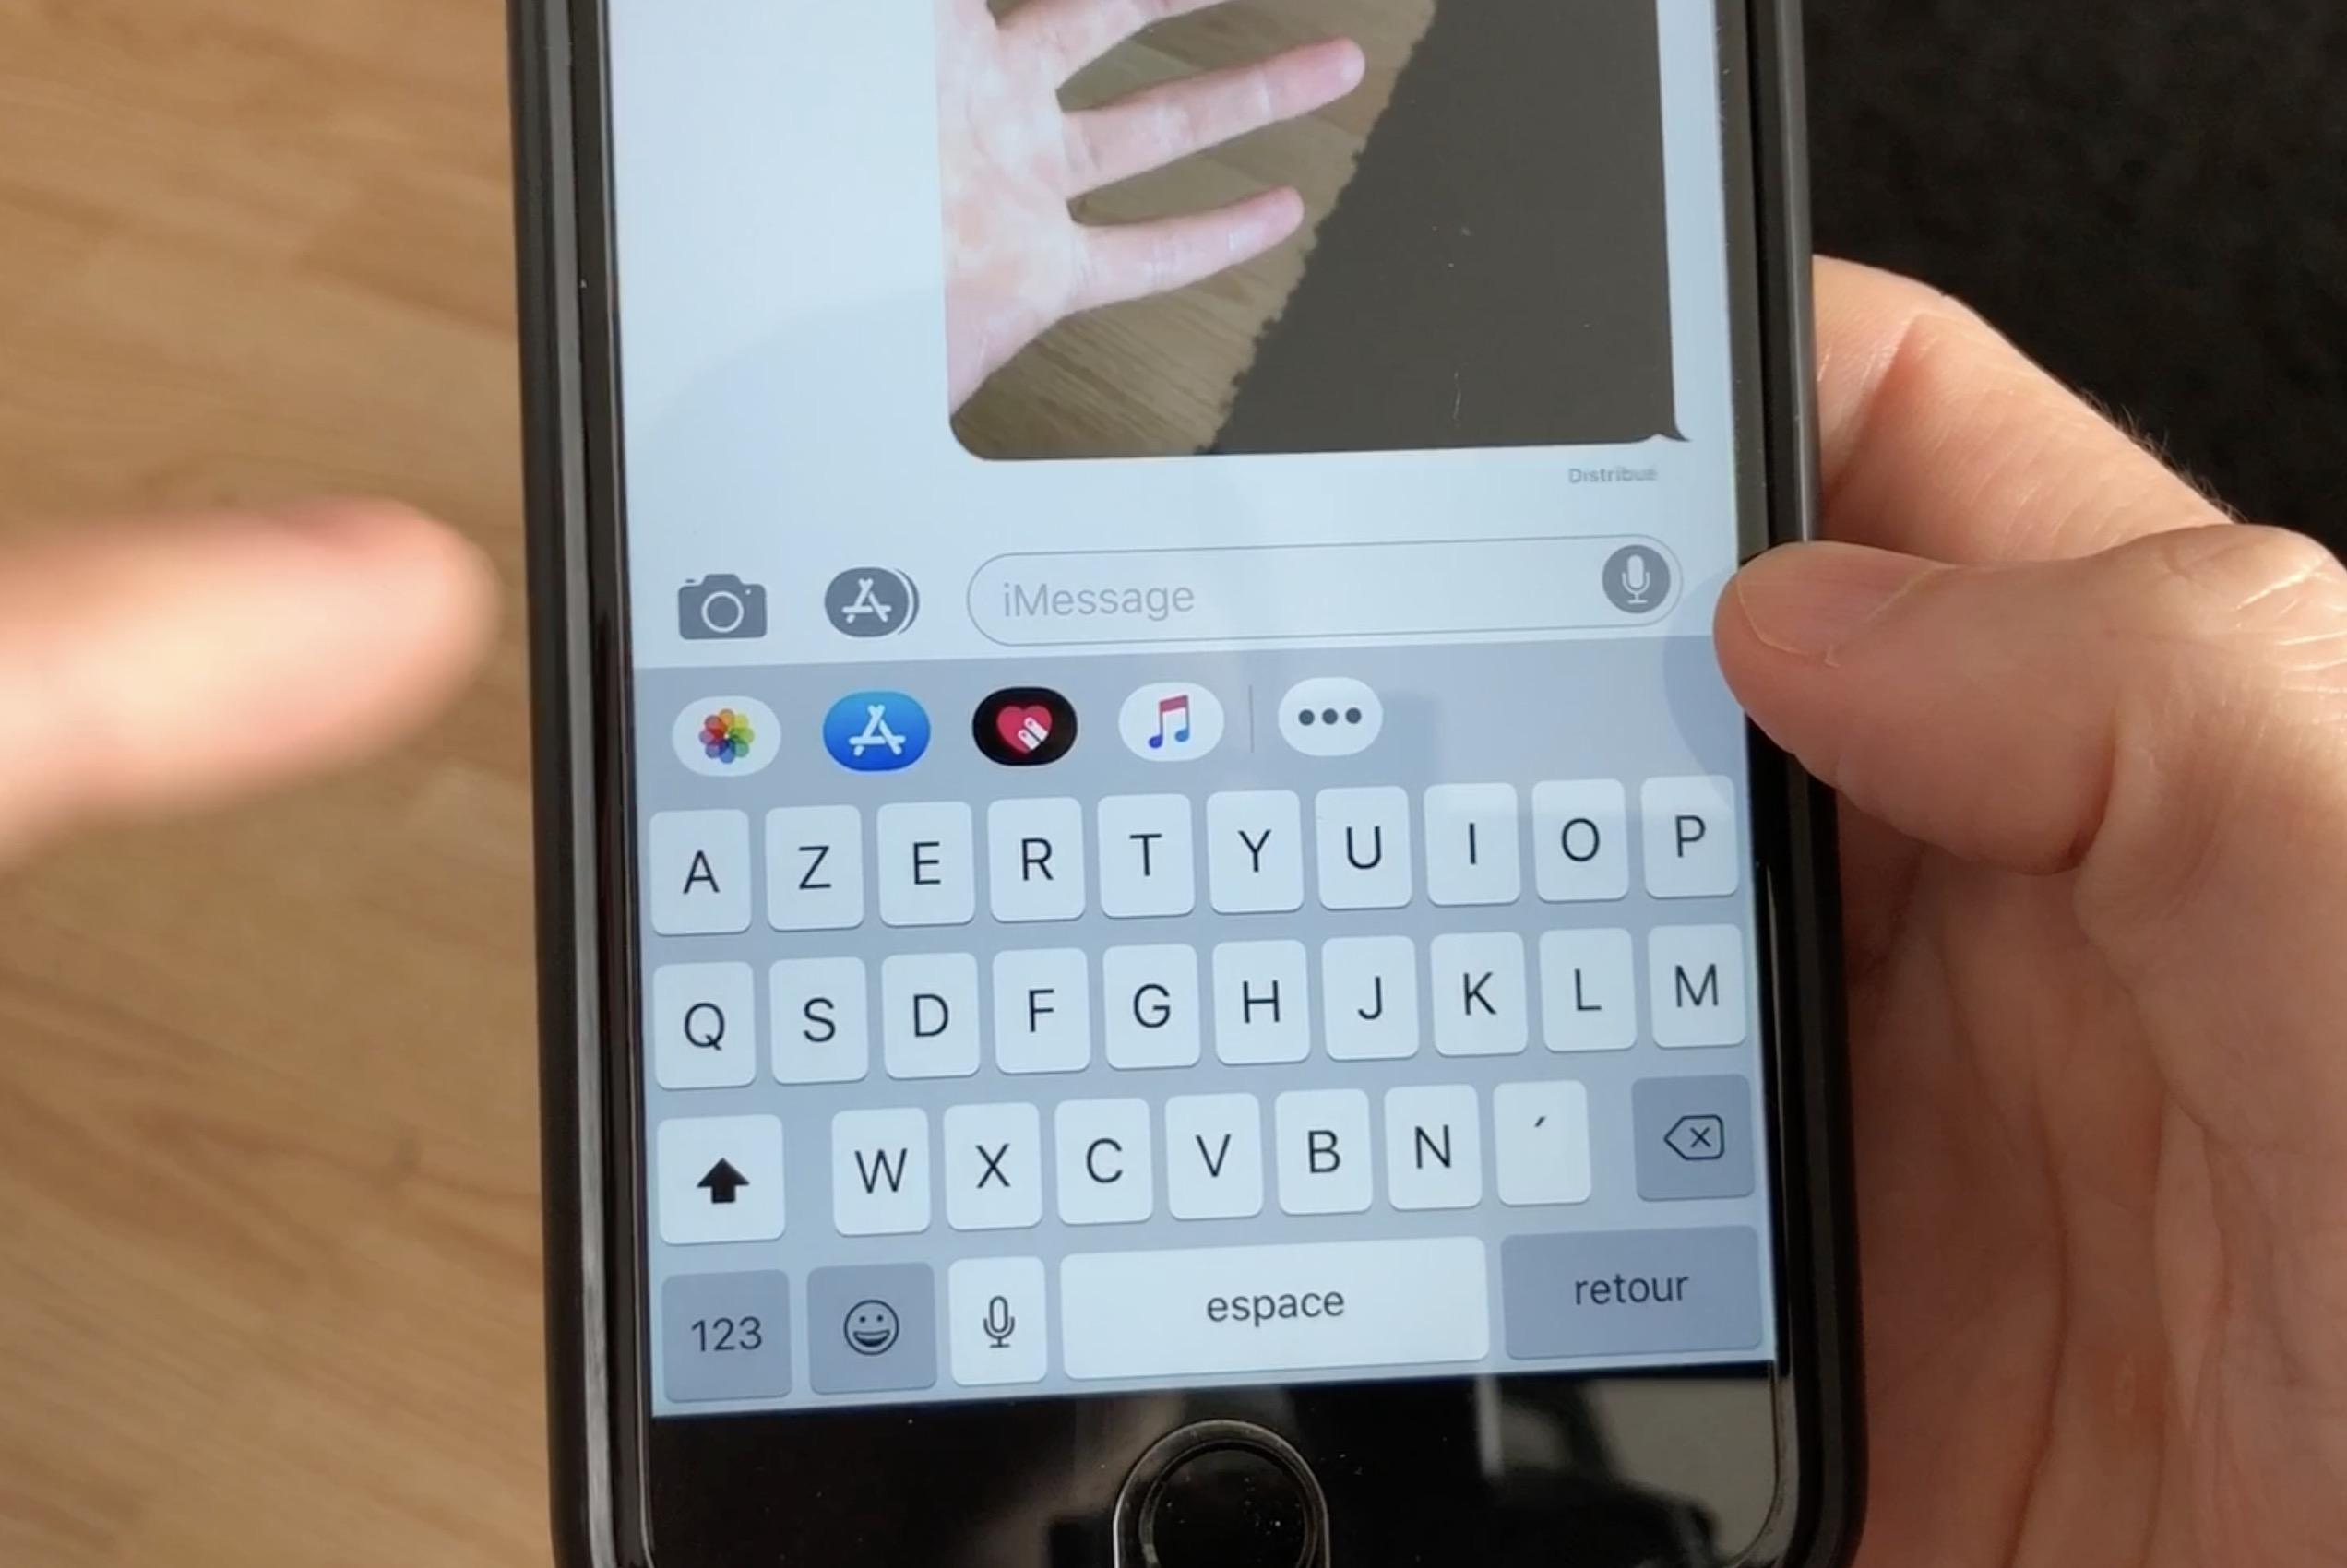 iOS 12 : mais comment fait-on pour envoyer des photos dans l'app Messages ? (vidéo) 1